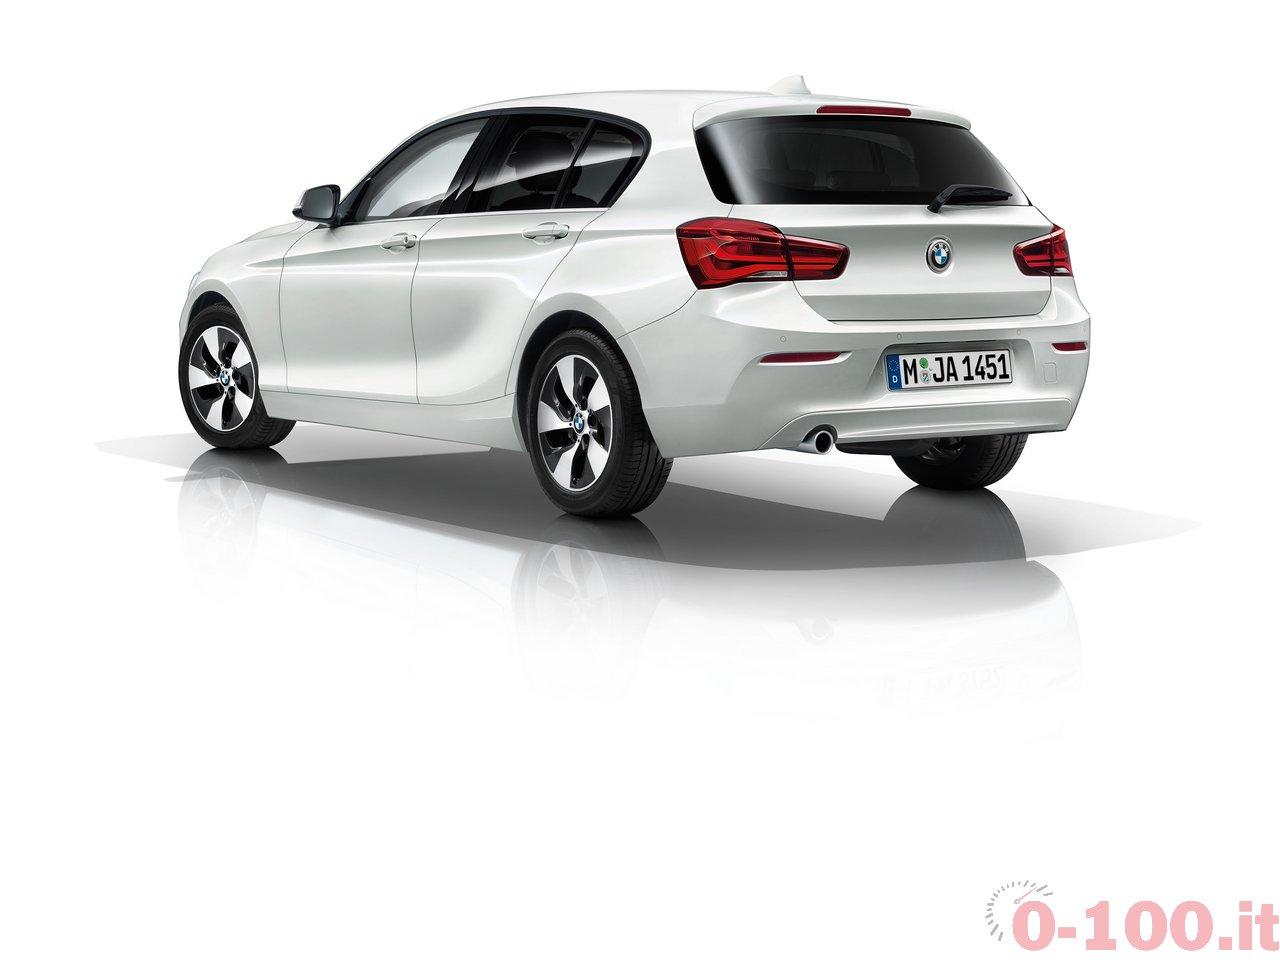 BMW-serie-1-2015_116d-118d-120d-125d-116i-118i-120i-125i-135i-0-100_38